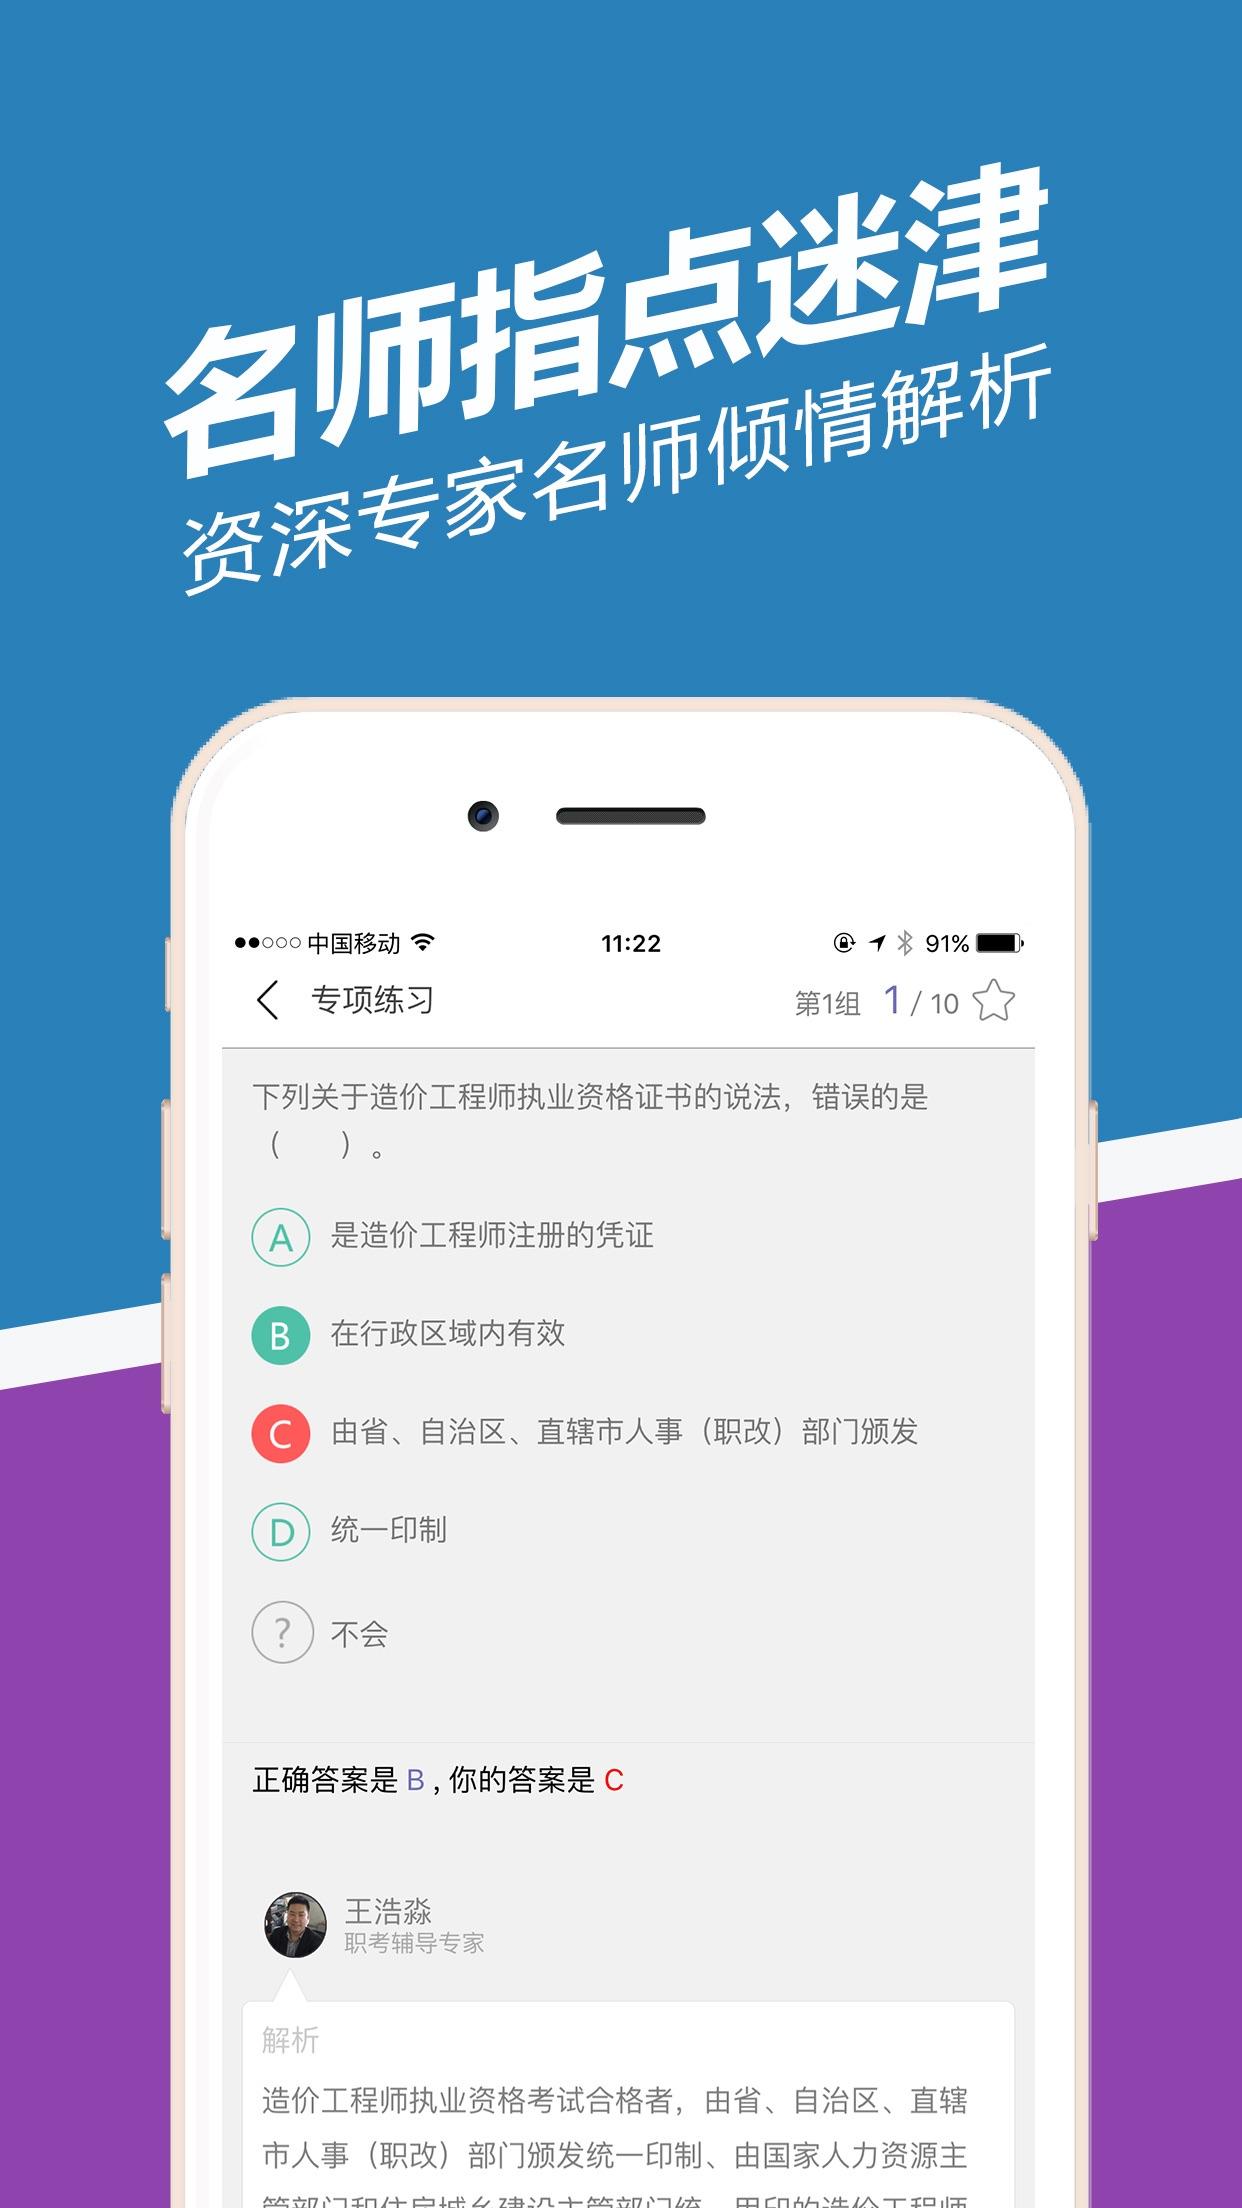 造价师练题狗-2017注册造价工程师考试题库 Screenshot